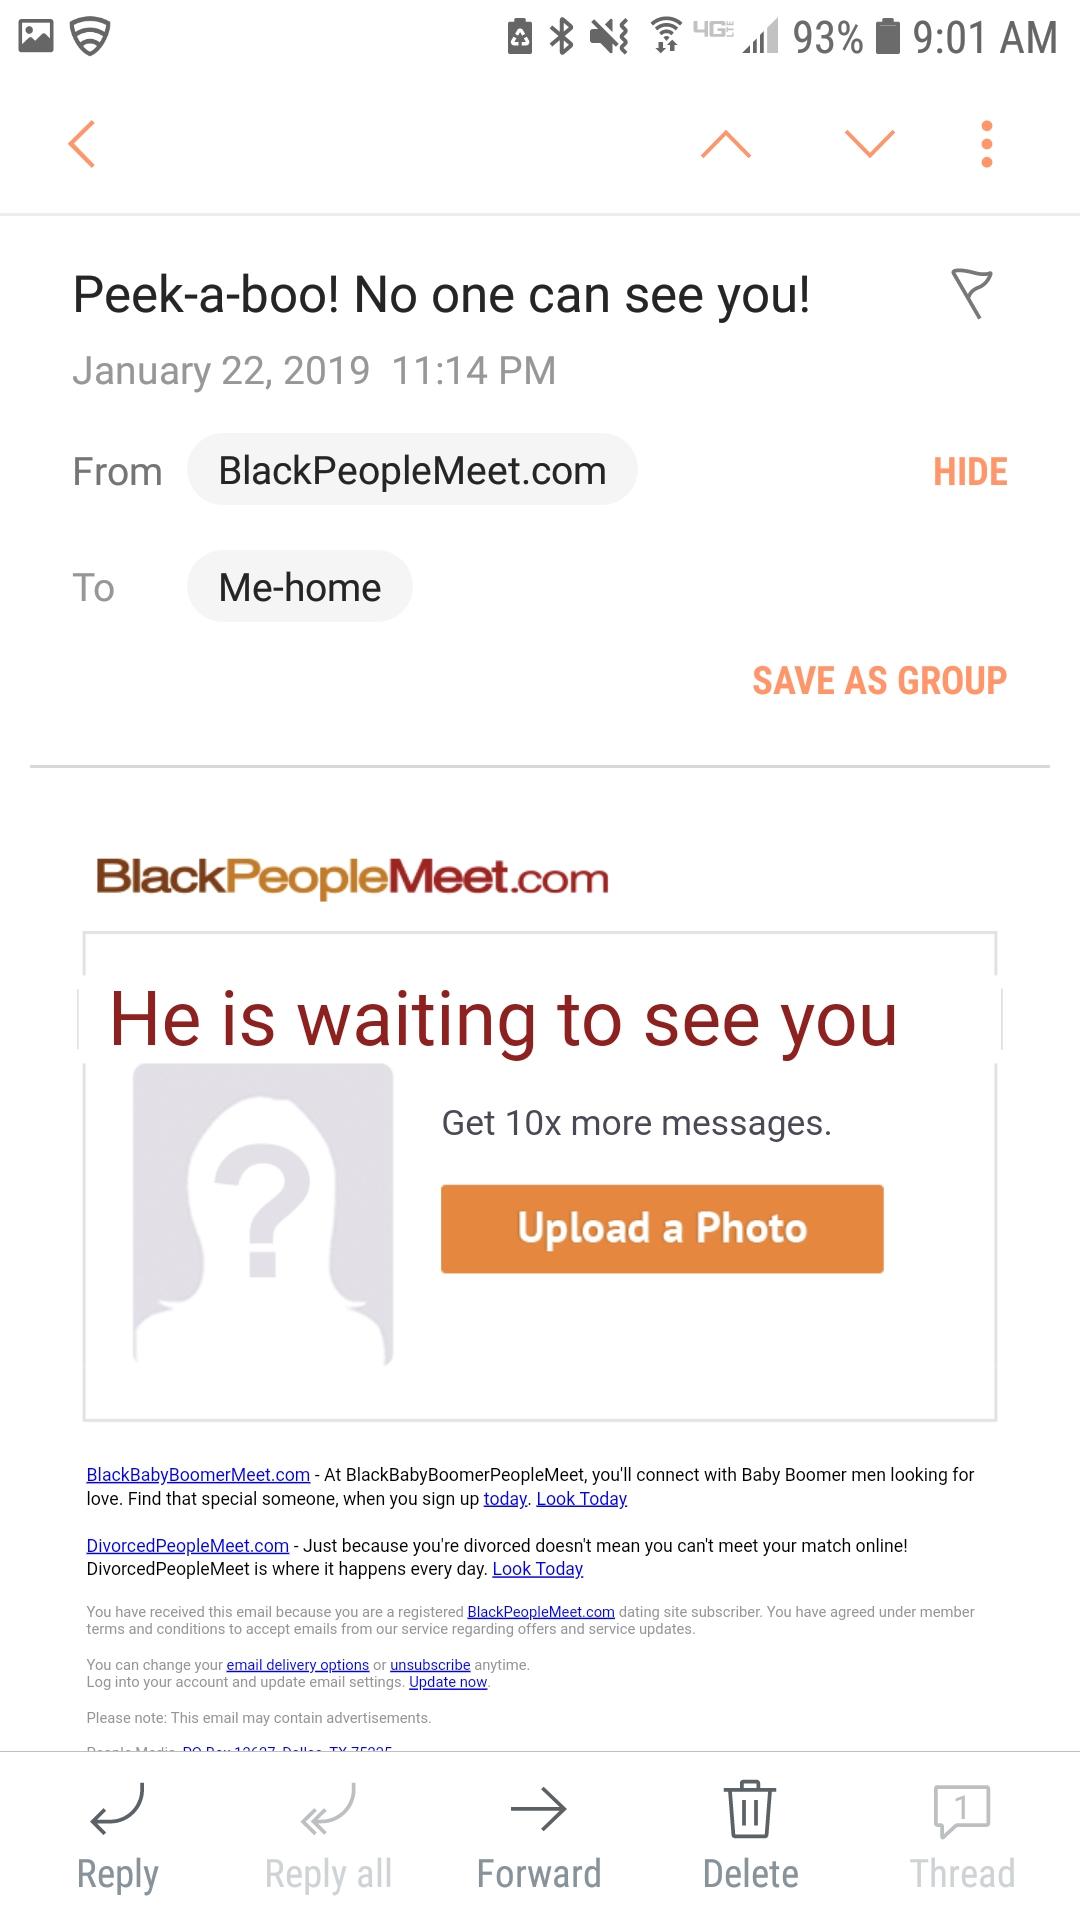 how to delete blackpeoplemeet